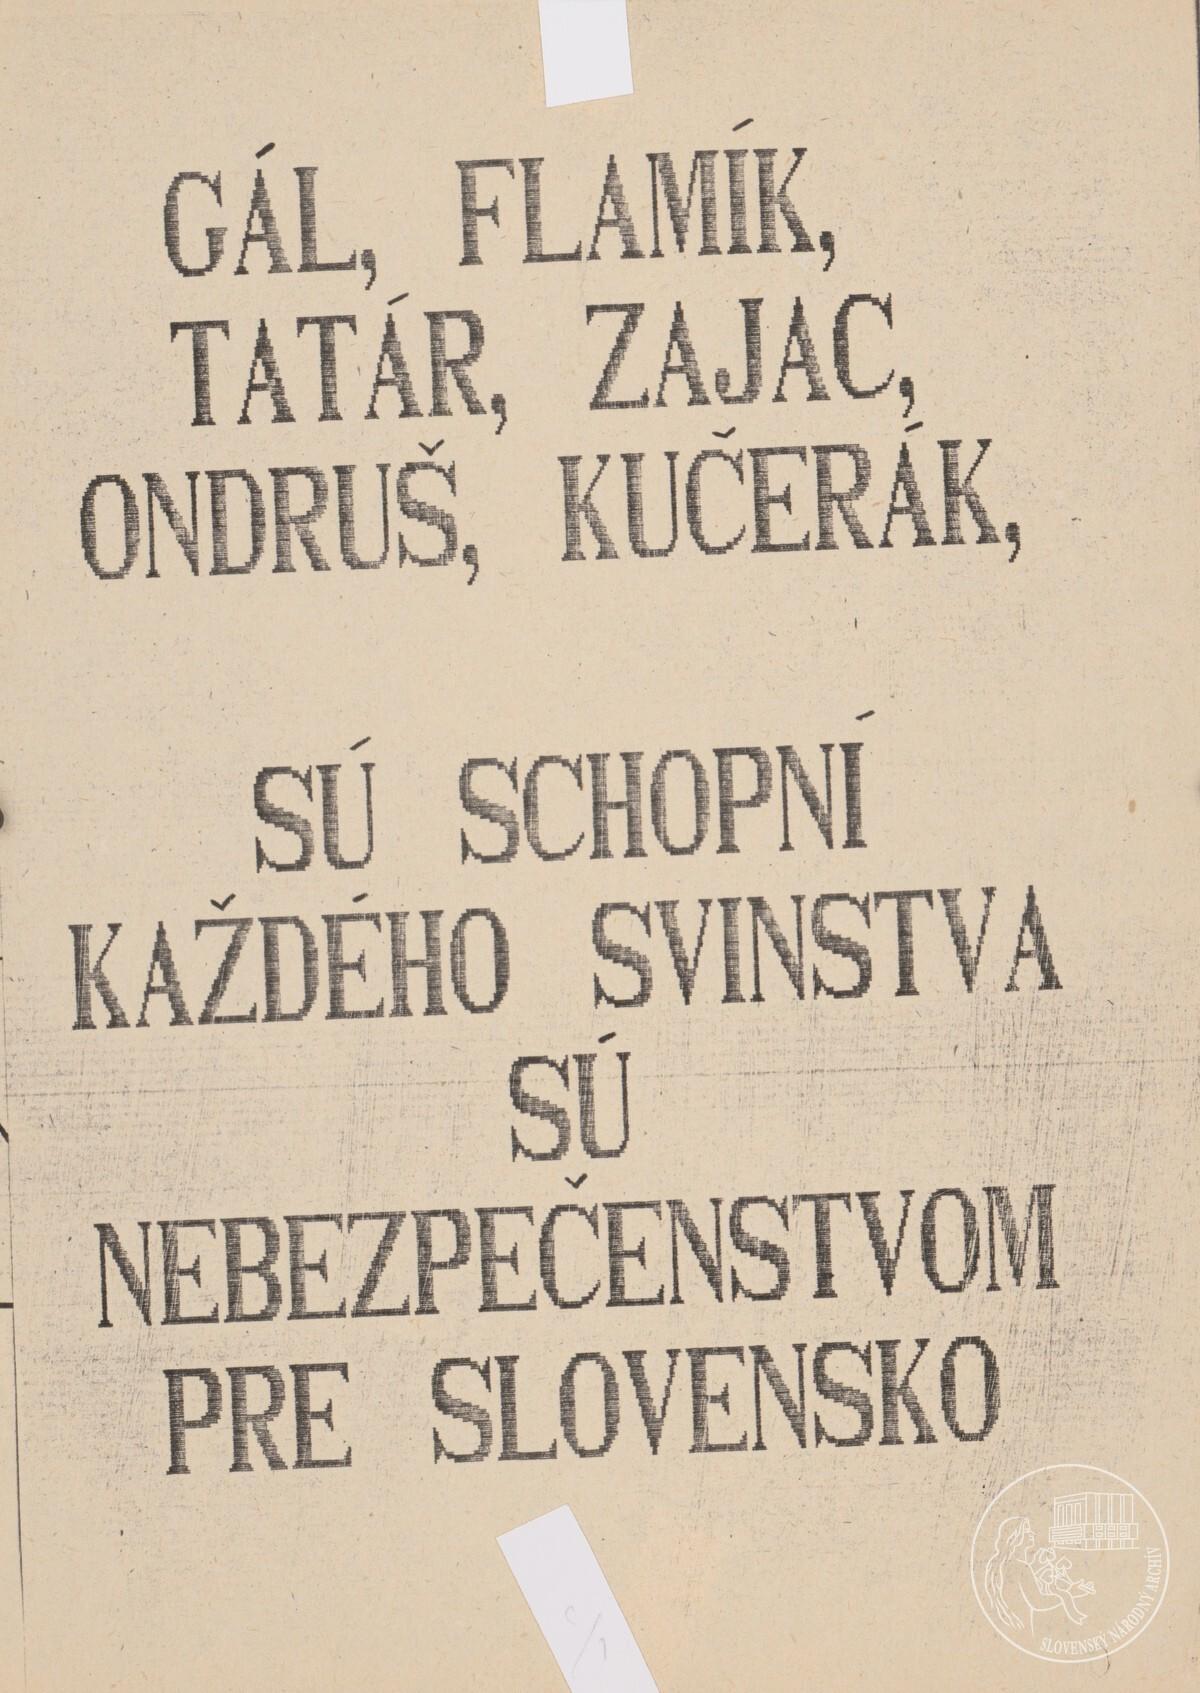 Gál, Flamík, Tatár, Zajac, Ondruš, Kučerák sú schopní každého svinstva, sú nebezpečenstvom pre Slovensko. 1989 – 1992. Slovenský národný archív